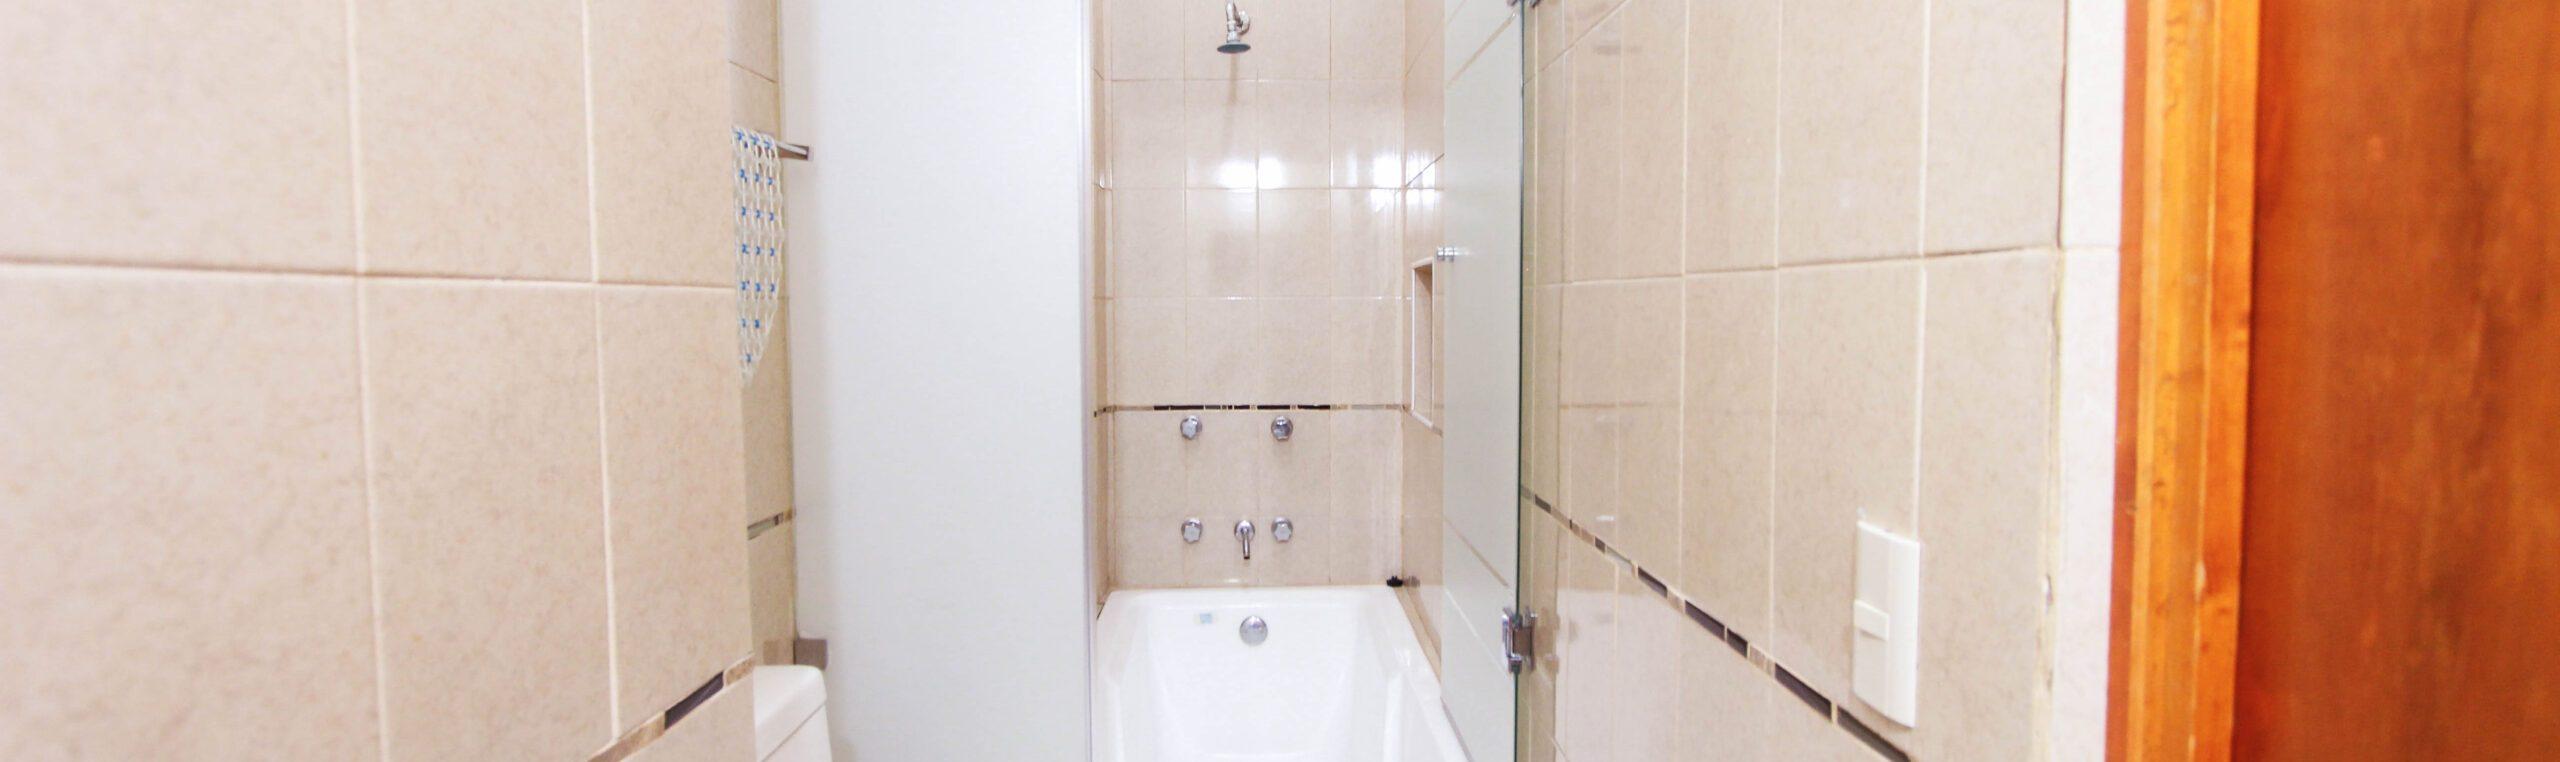 baño tina de la sencilla